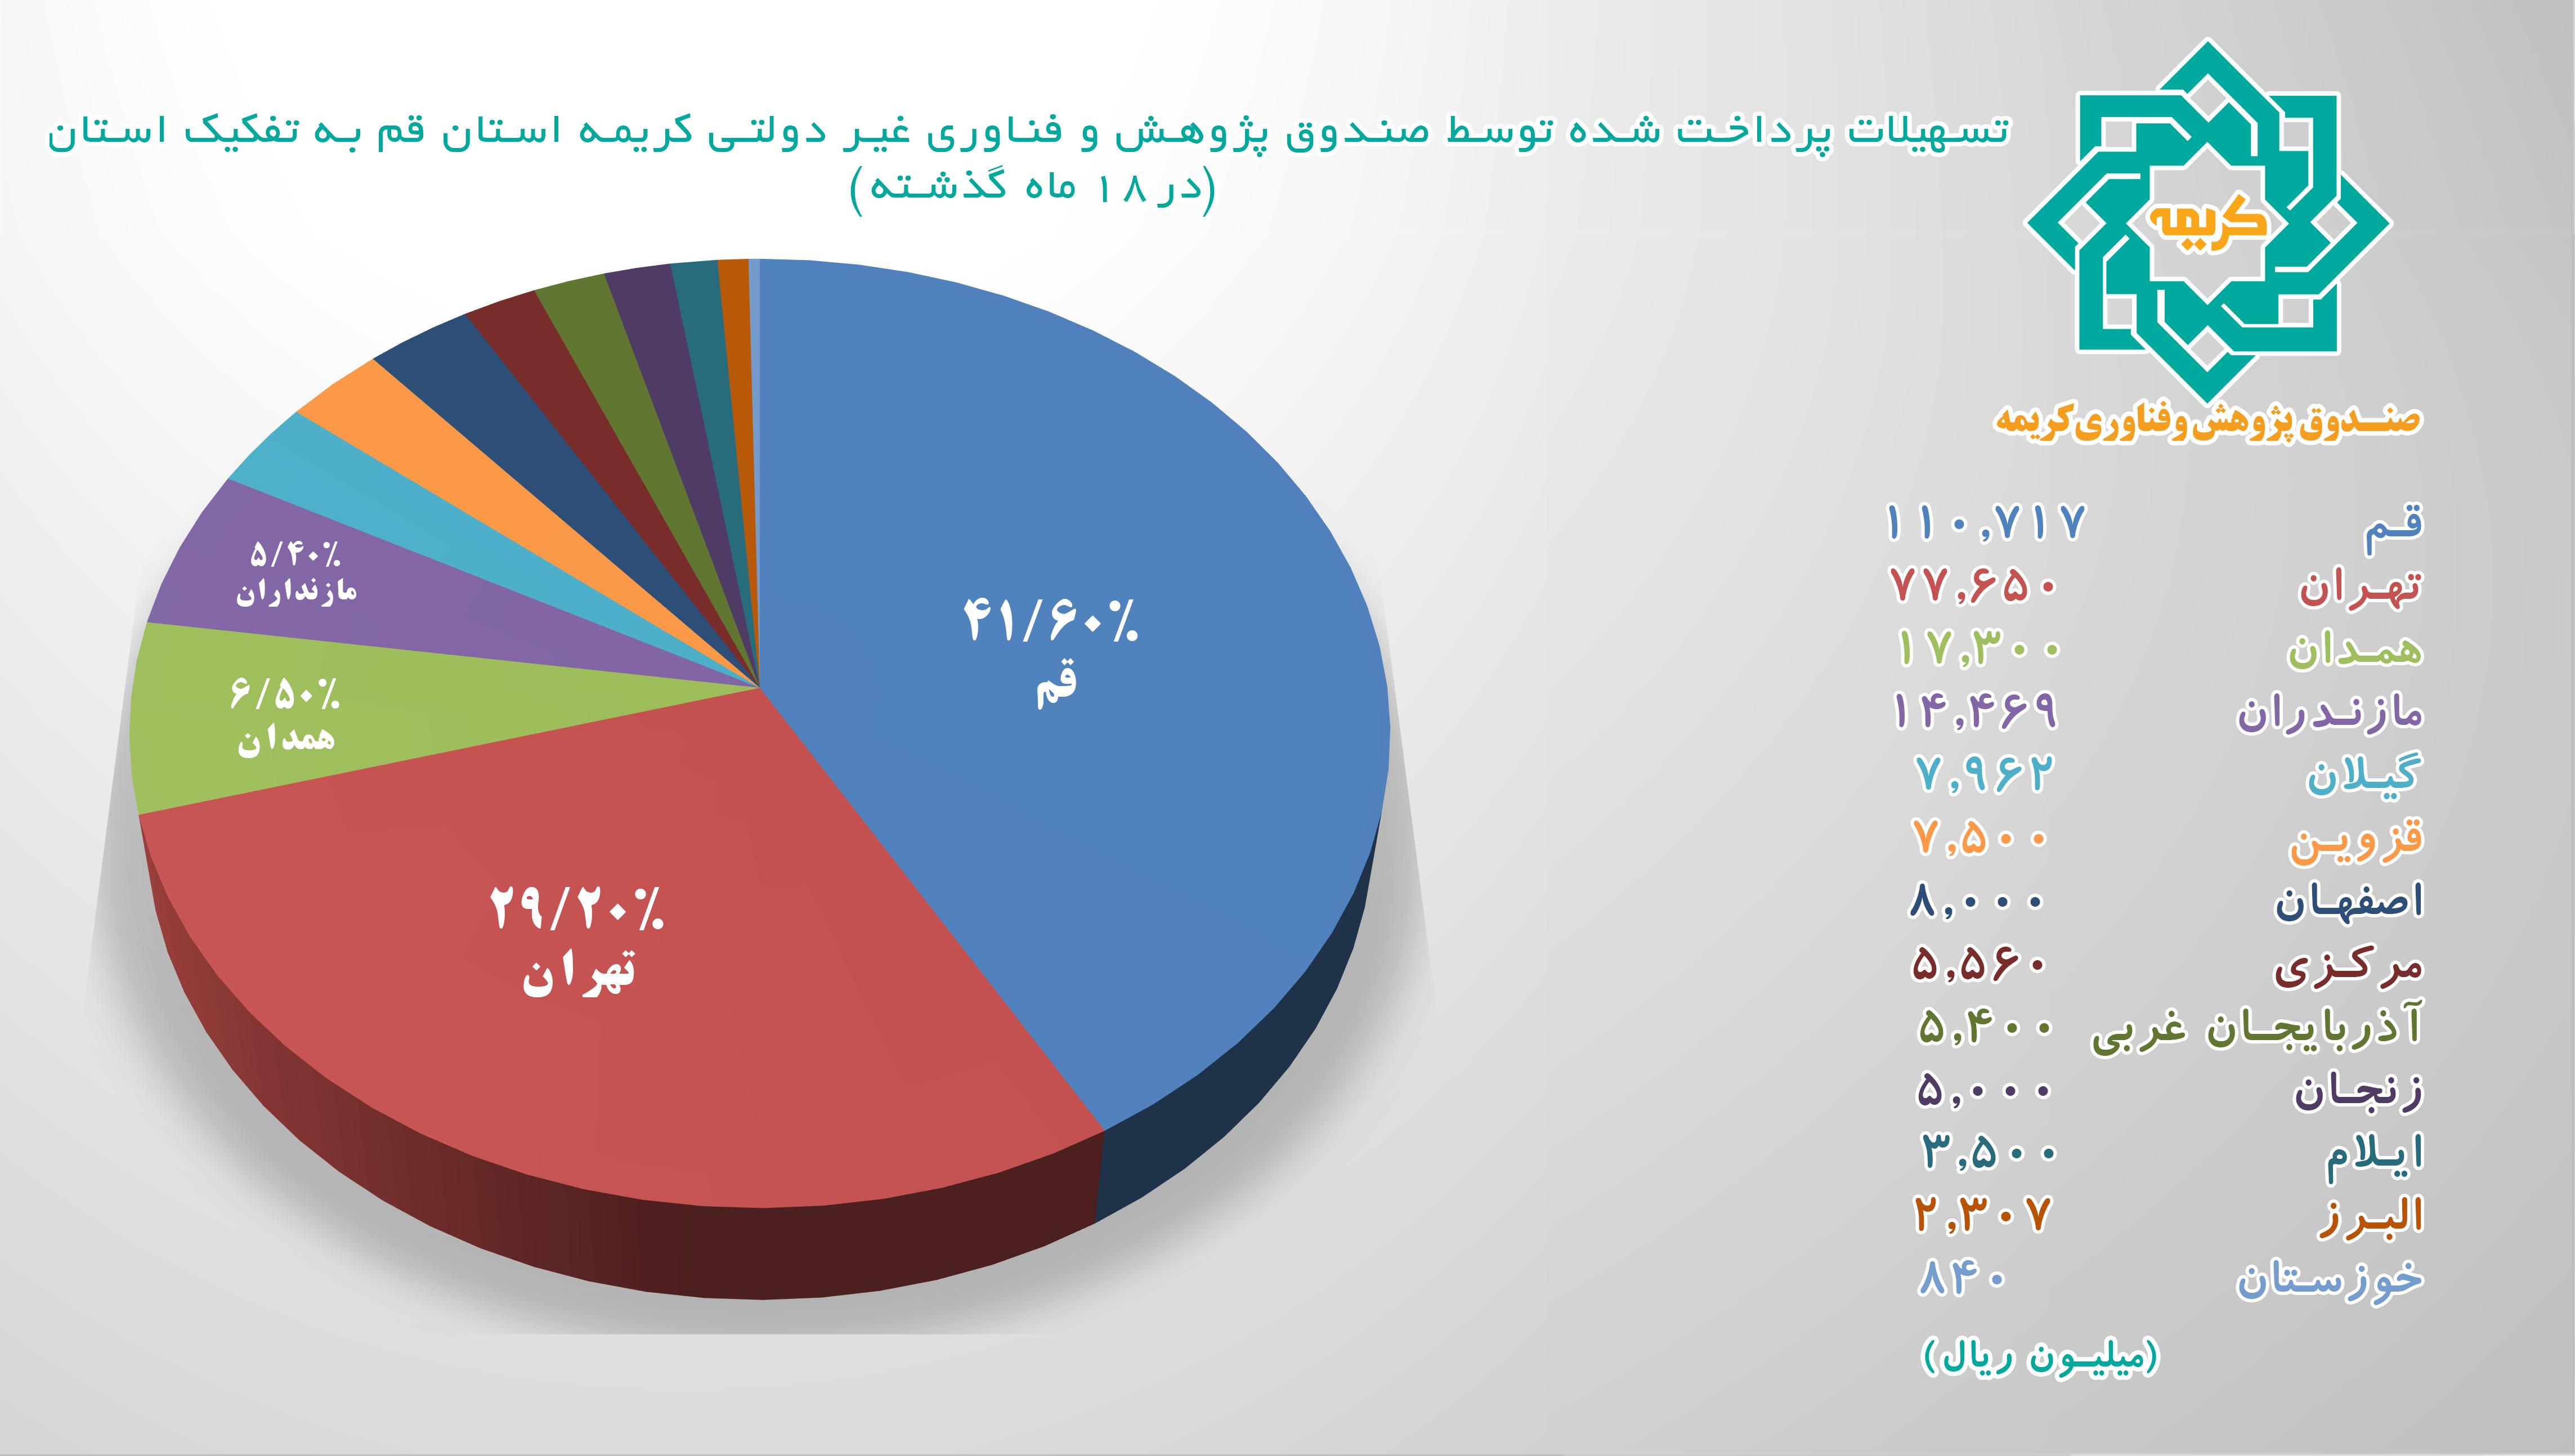 تسهیلات ارائه شده توسط صندوق در ۱۸ ماه گذشته به تفکیک استان